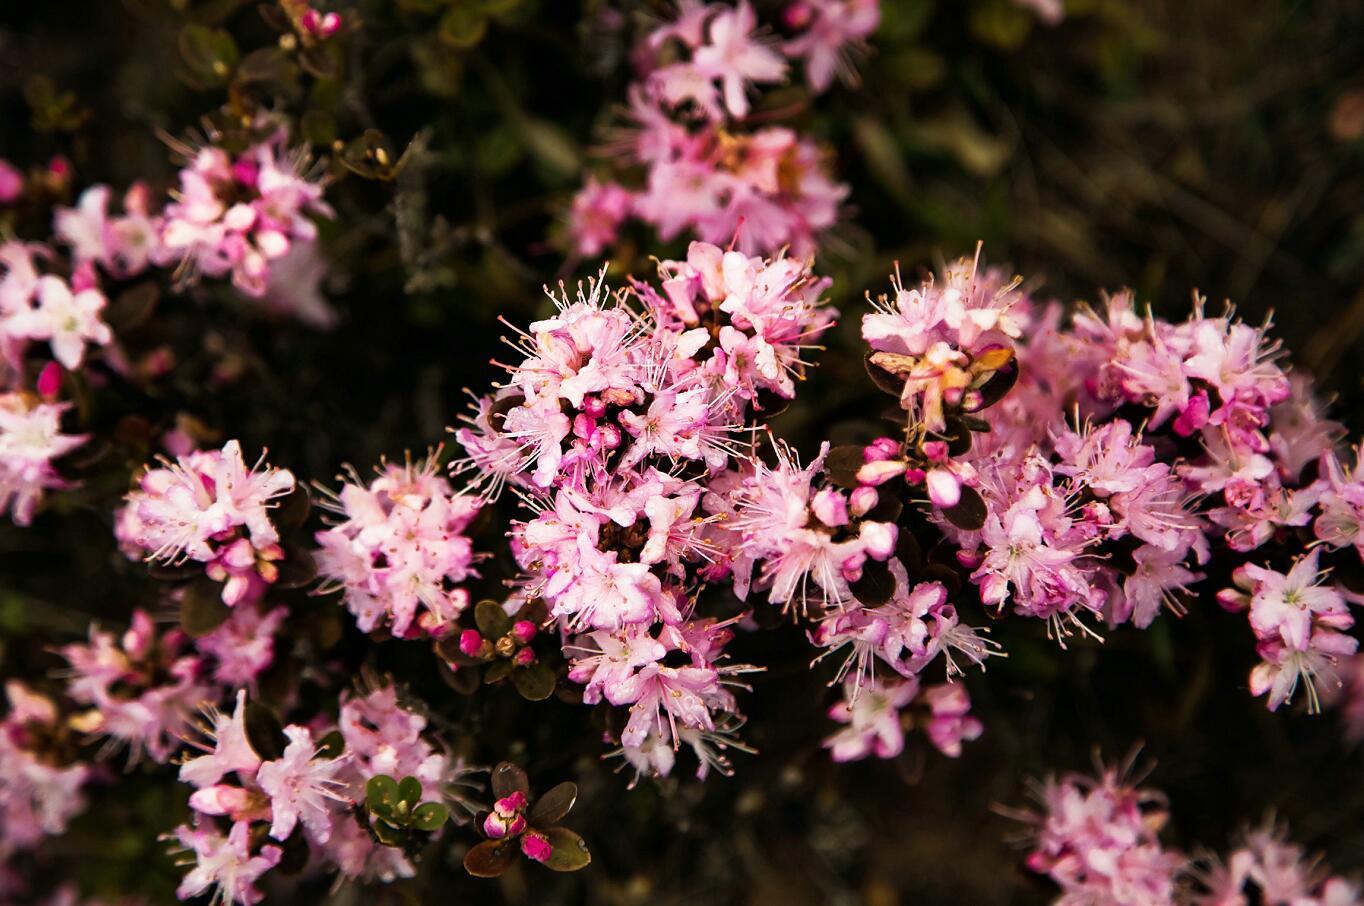 5月大凉山索玛花节、布拖、昭觉、金阳索玛节人文、民俗风情、原生态风光摄影团!